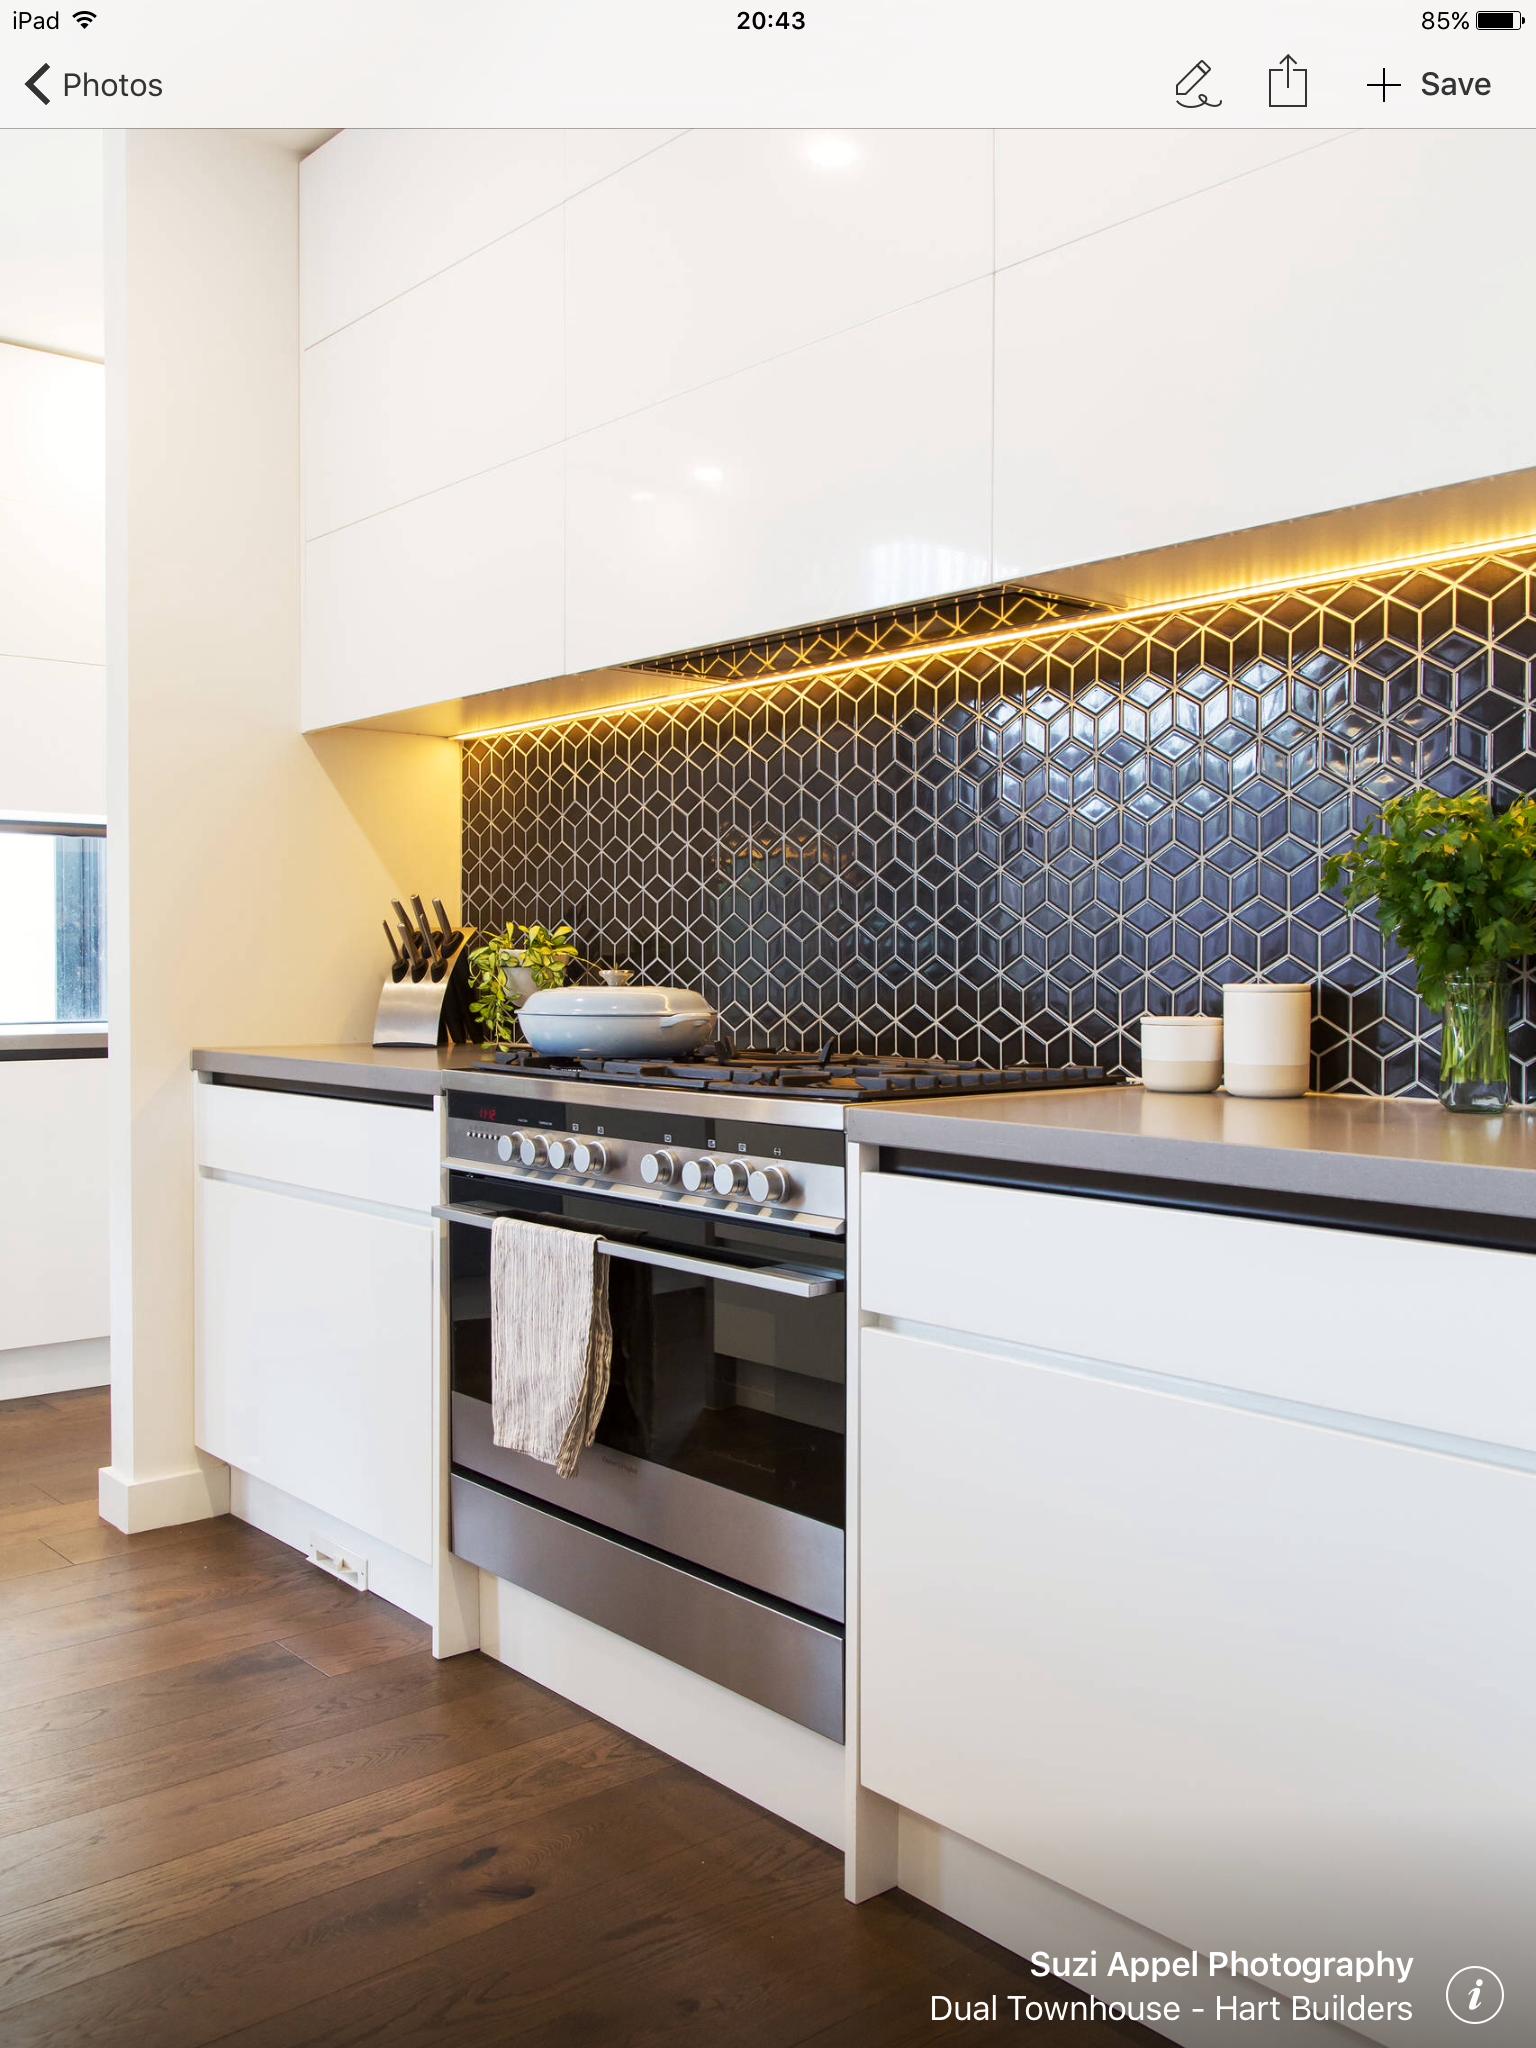 Room Kitchen, Kitchen Ideas, Architecture, Instagram, Arquitetura, House Design, Cuisine,